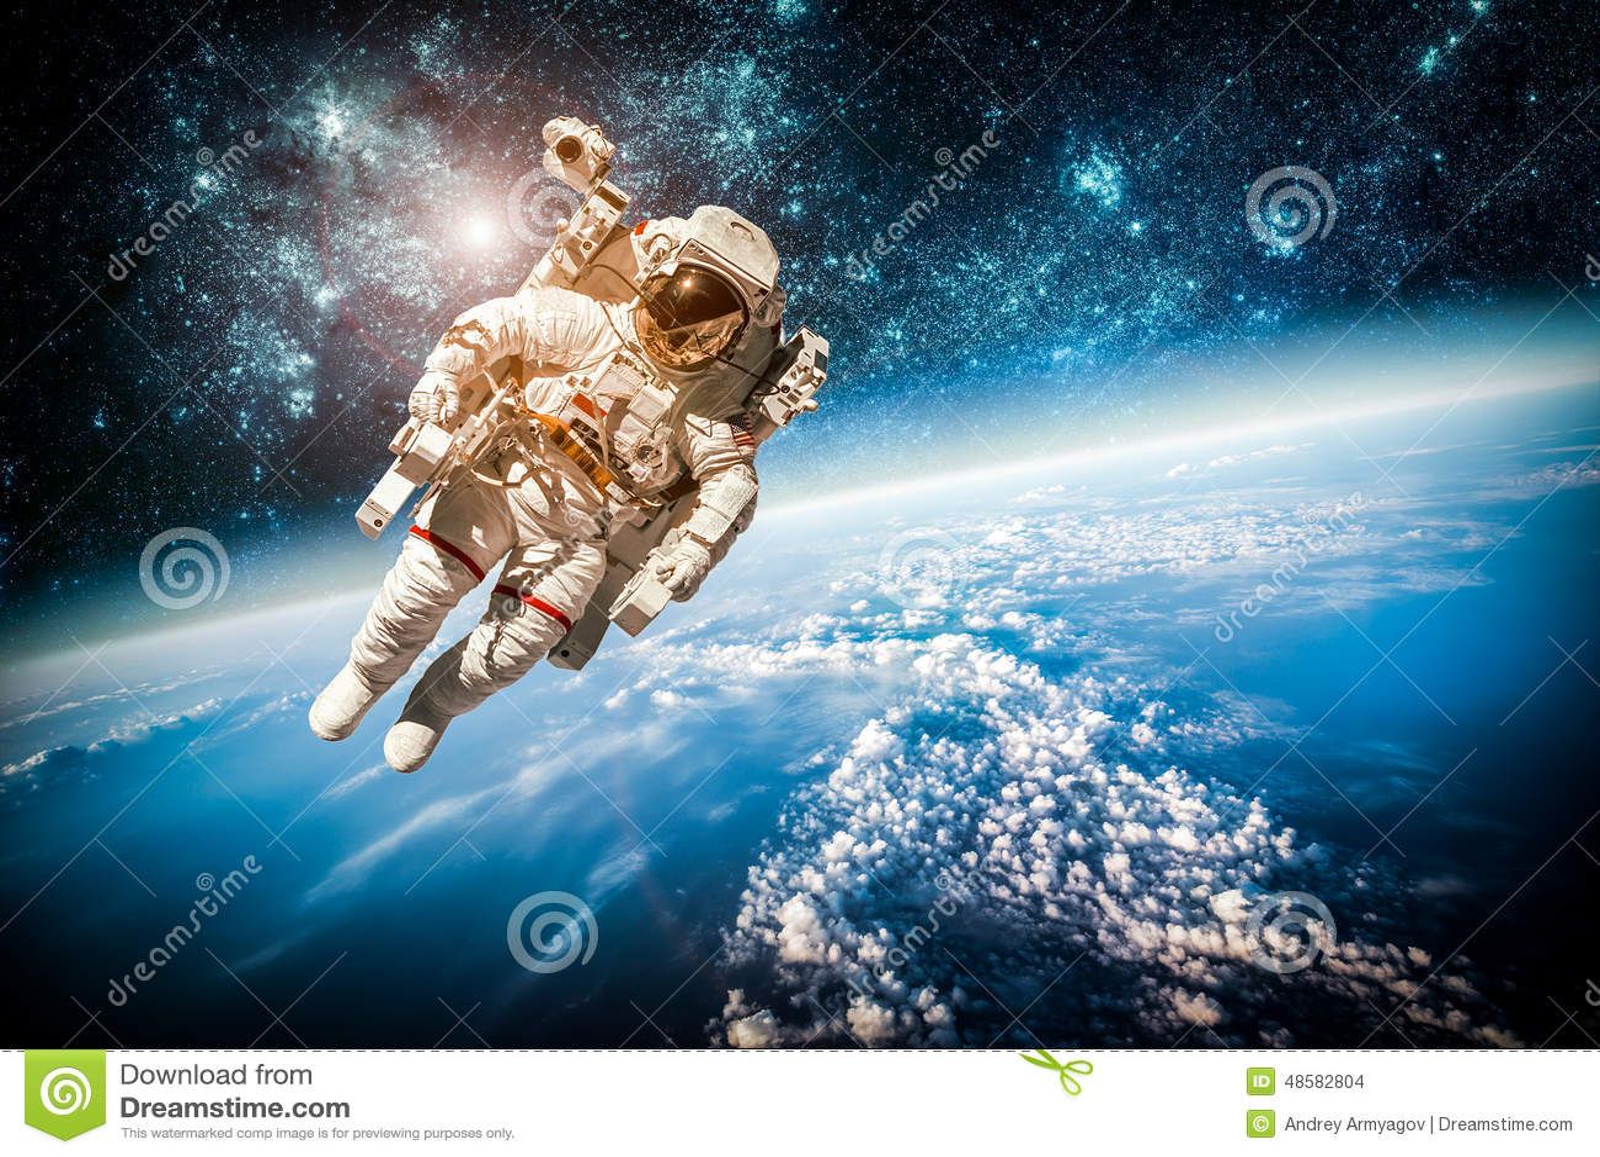 Astronauta Flotando En El Espacio Exterior: Astronauta En Espacio Exterior Foto De Archivo